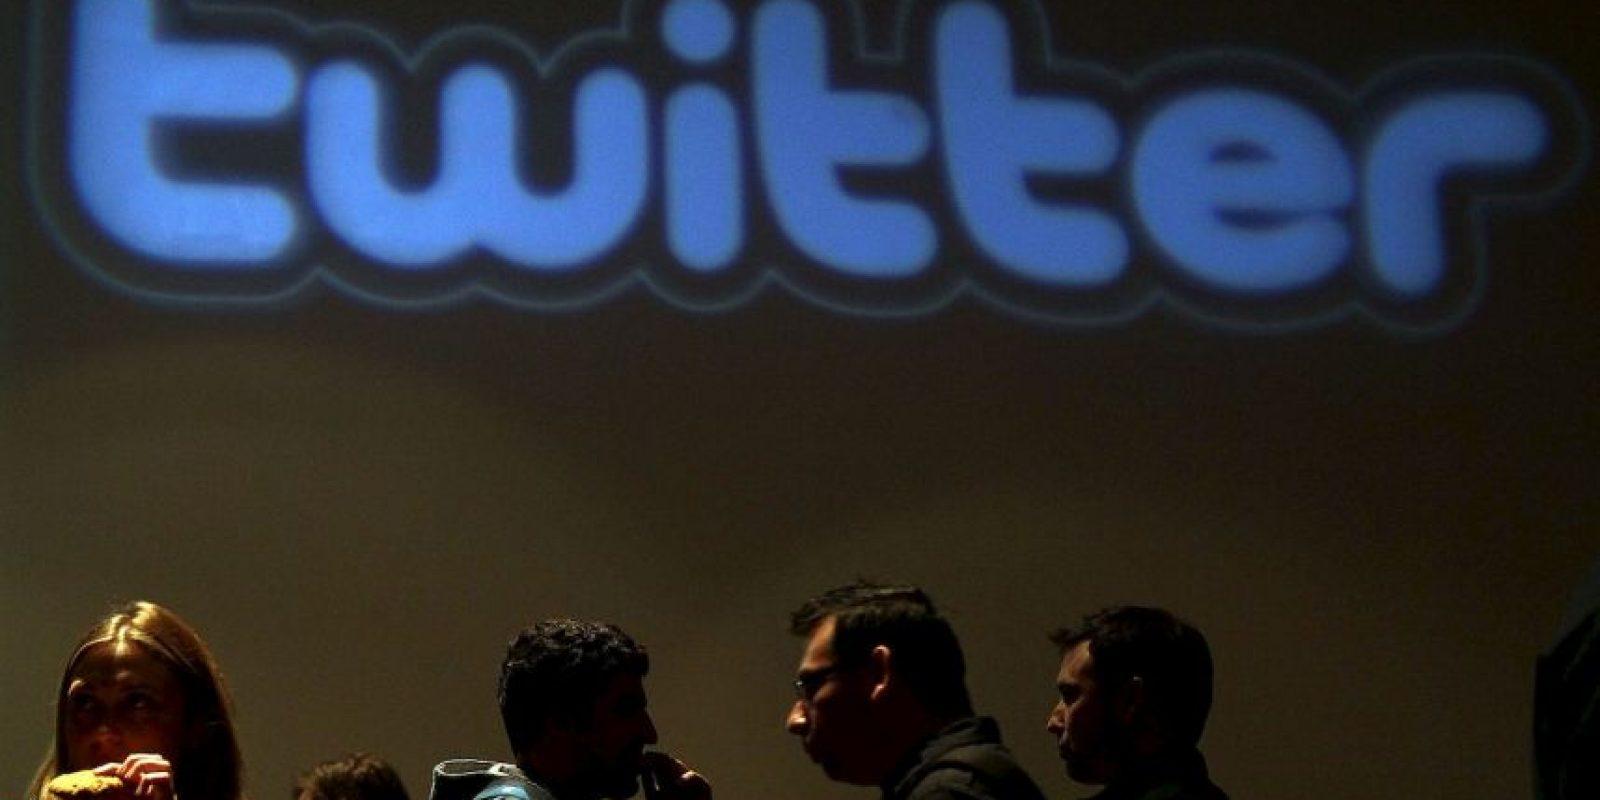 La red social también anunció que la lucha contra el abuso dentro de este servicio sigue en pie. Anunció nuevas políticas y herramientas para combatir a los acosadores Foto:Getty Images